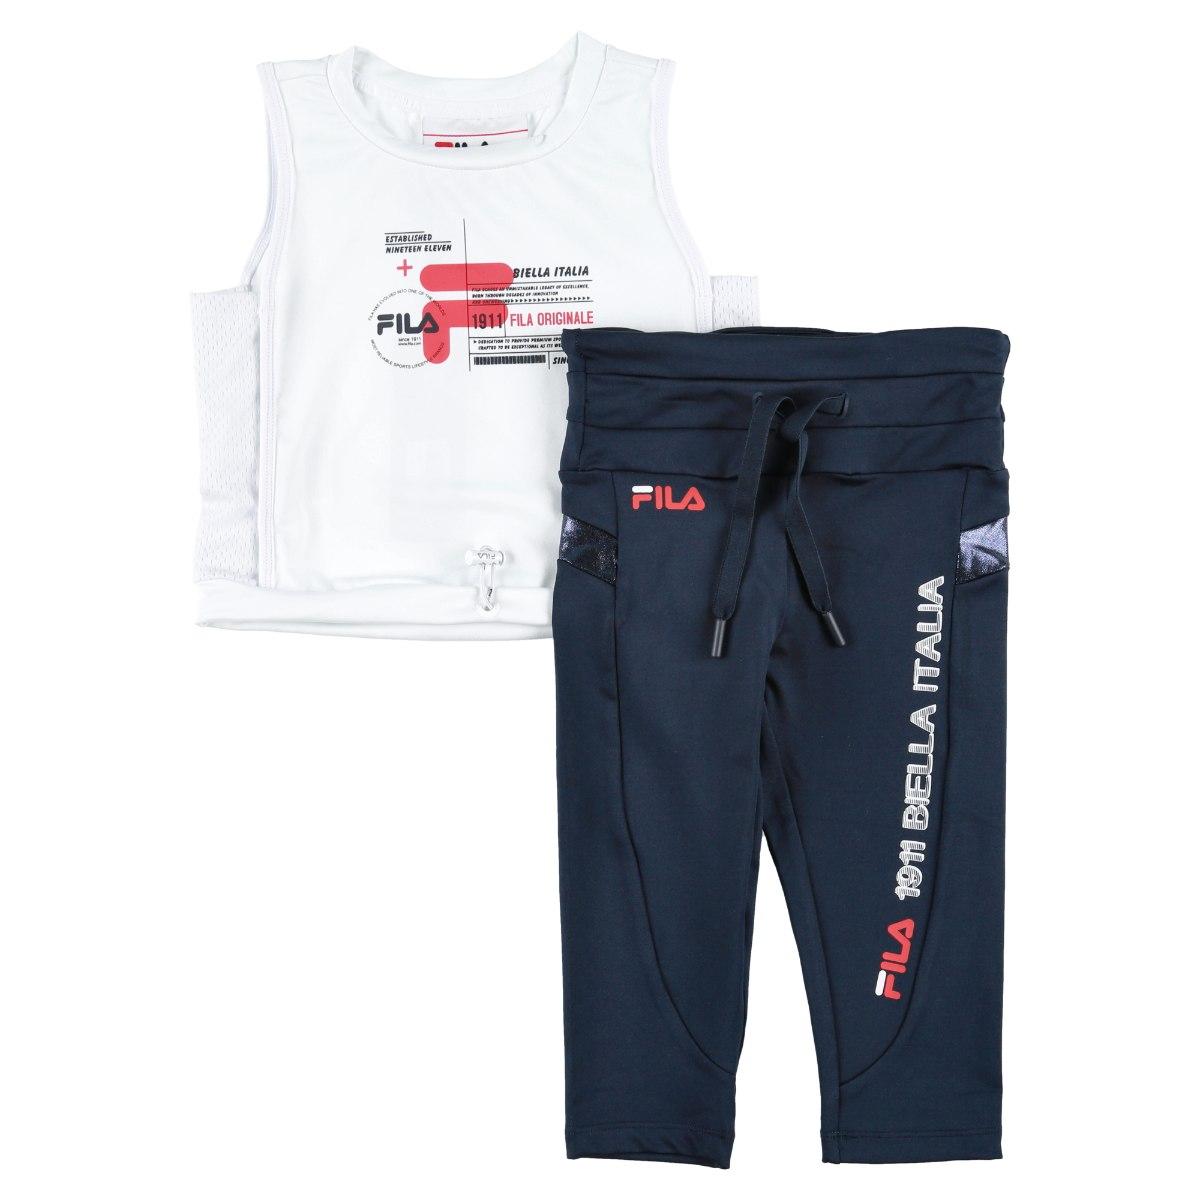 חליפת ספורט FILA לבן/כחול - 6-16 שנים